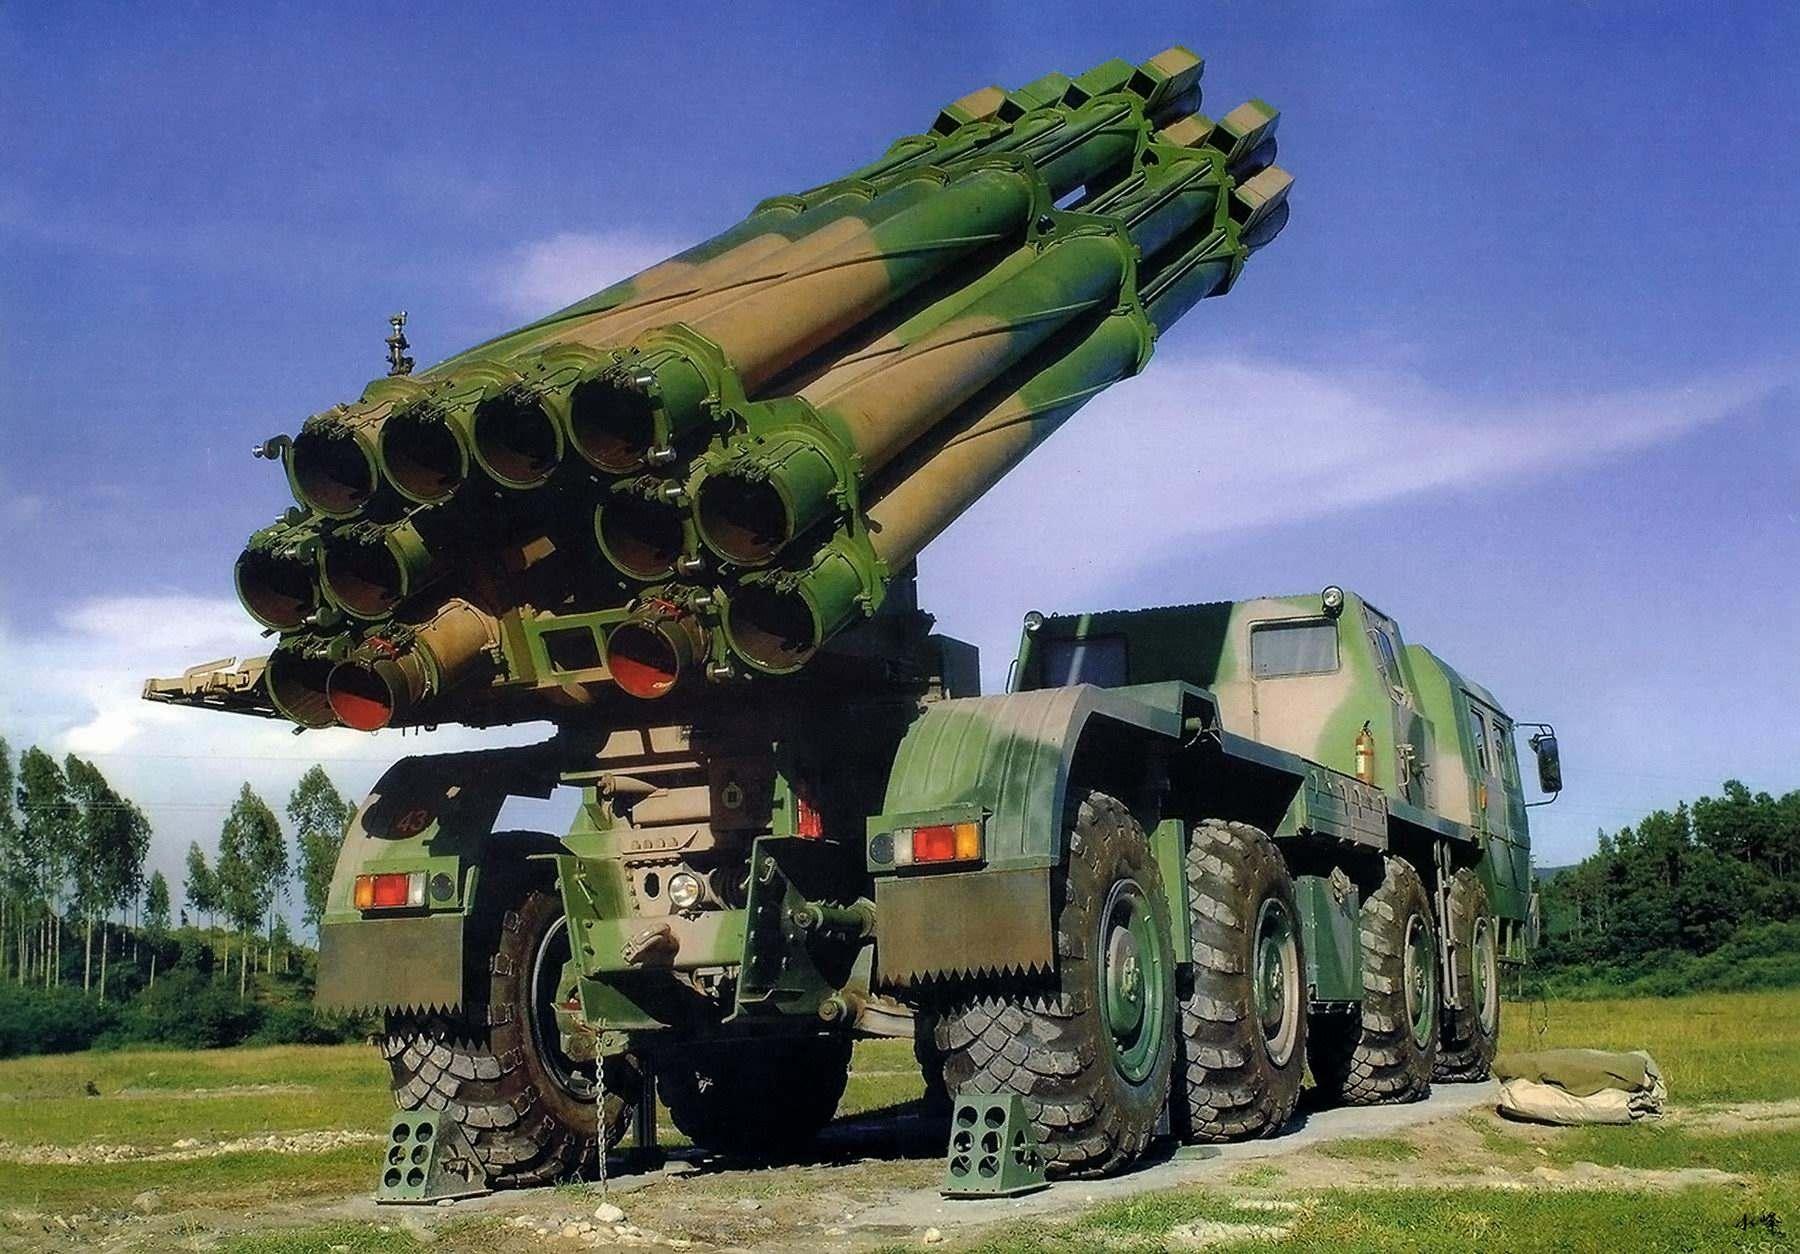 بالصور راجمة صواريخ سميرتش الروسية